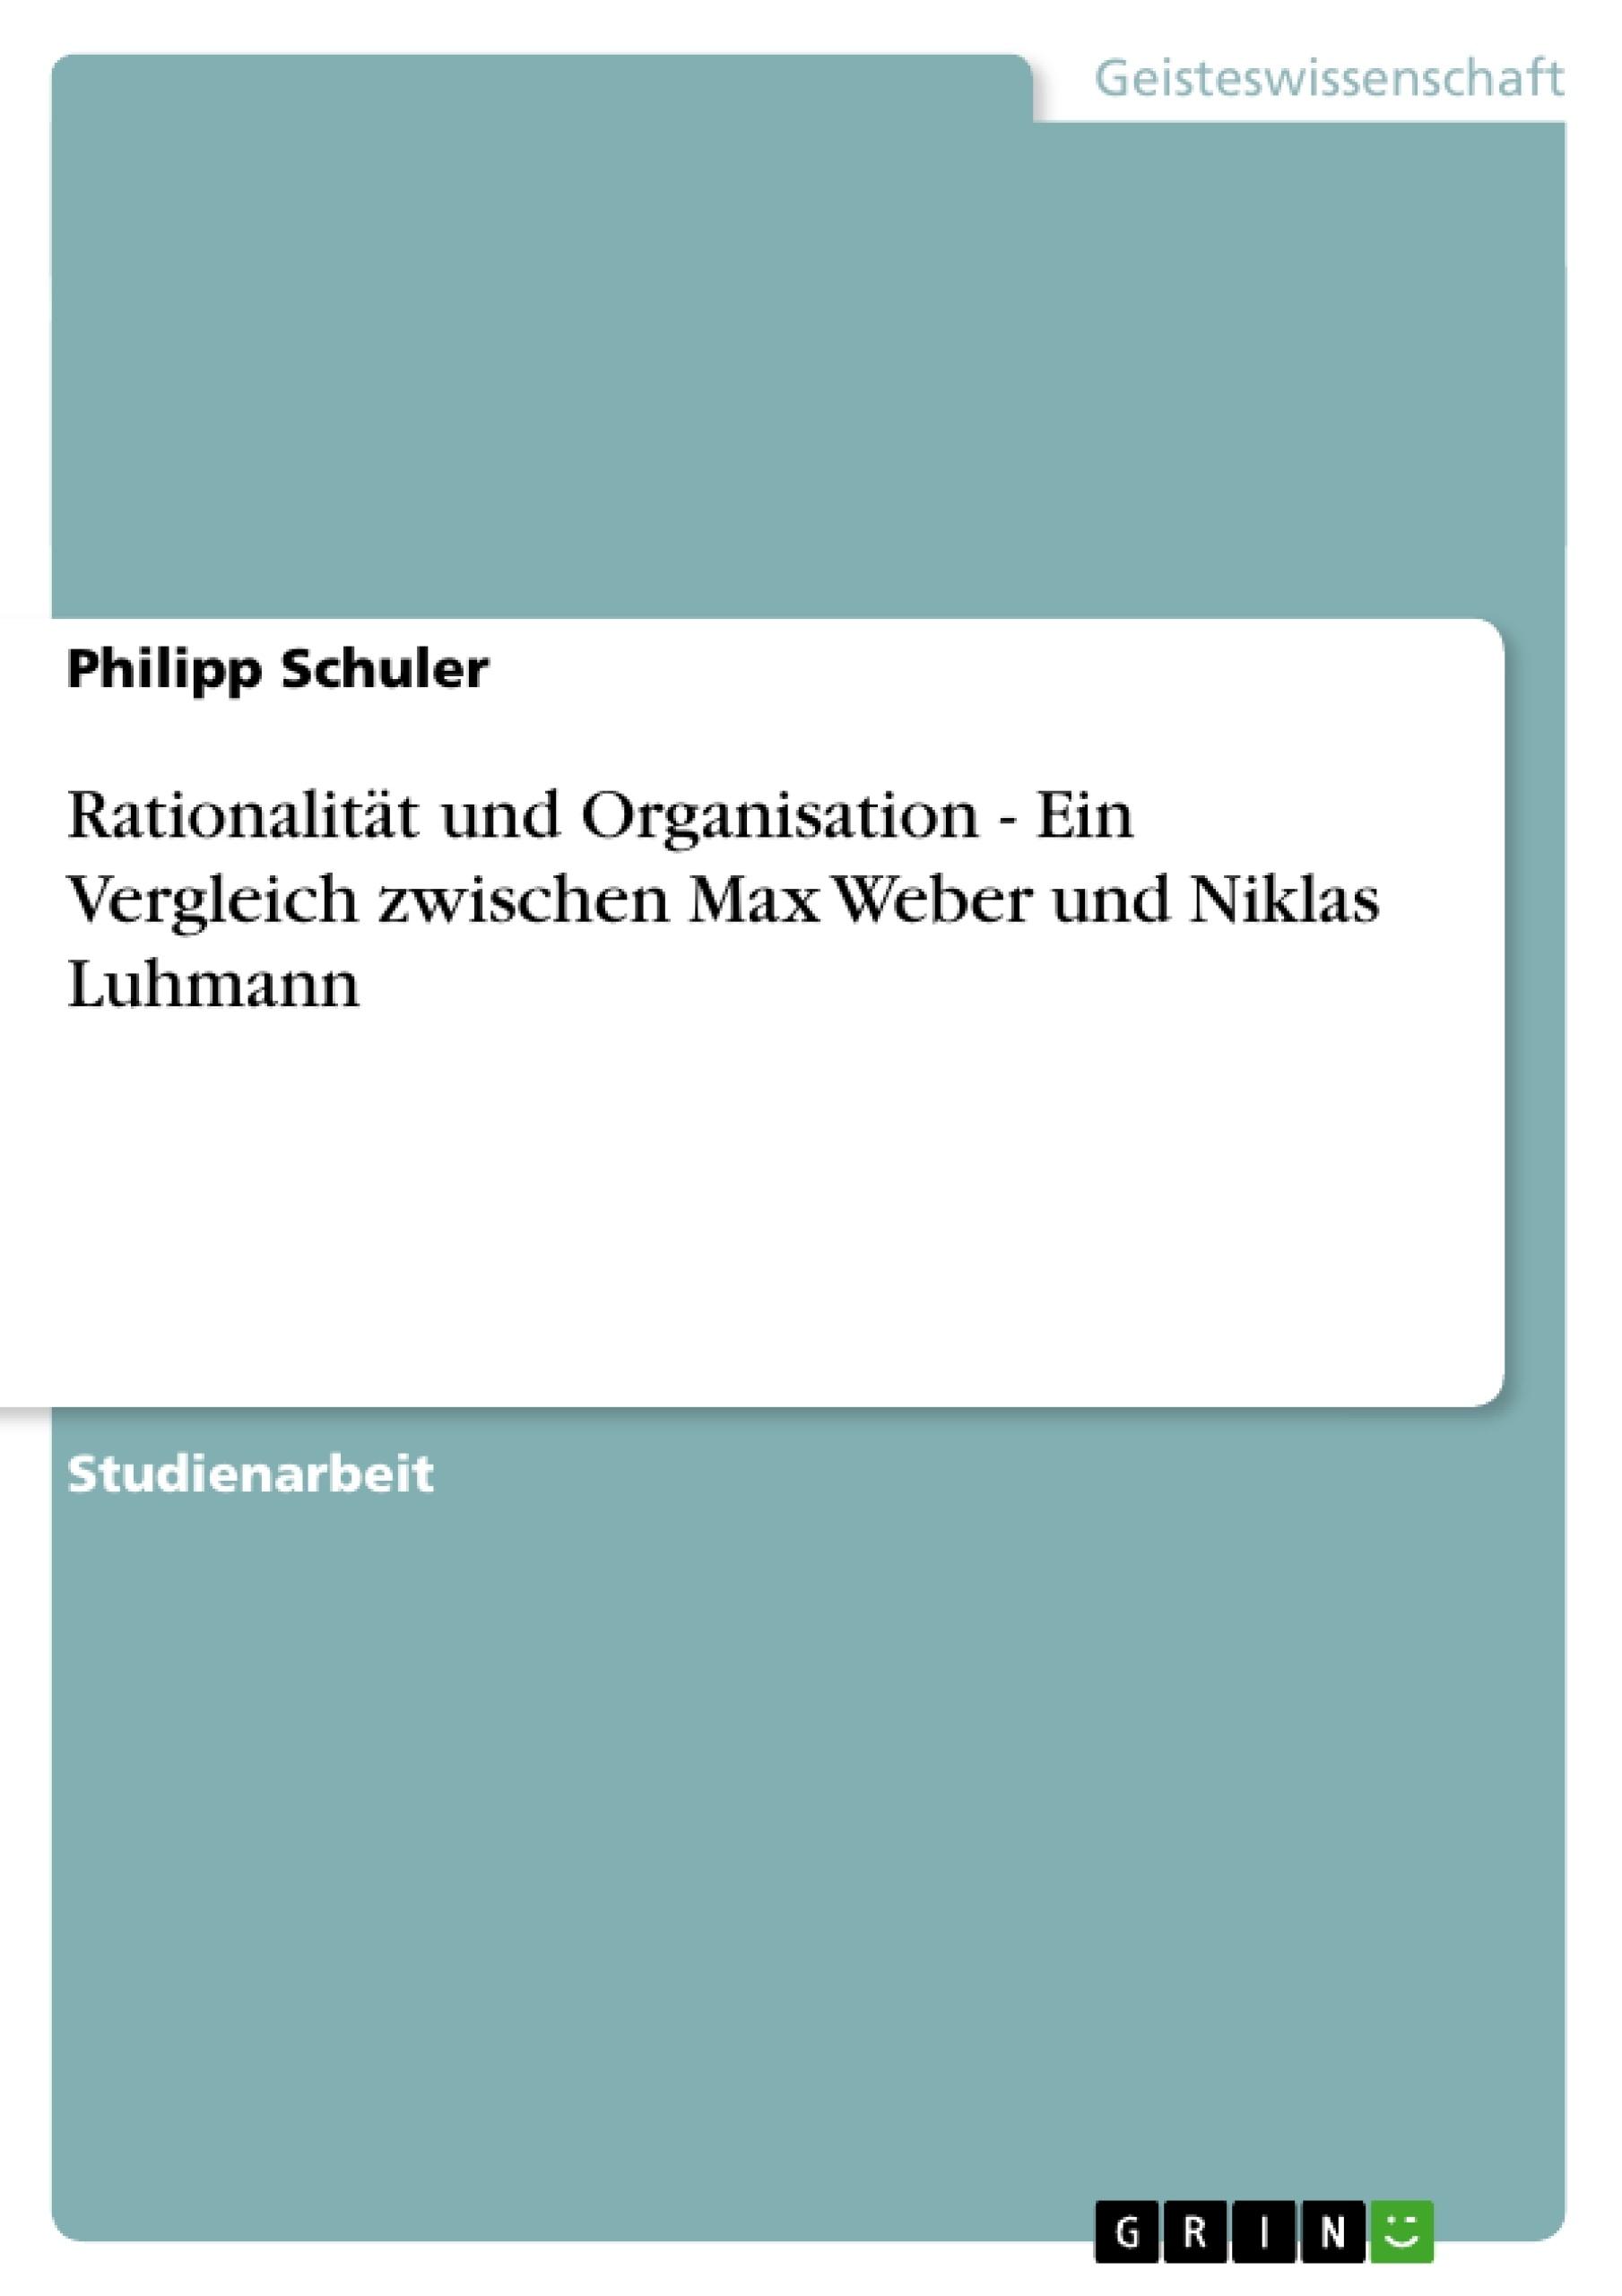 Titel: Rationalität und Organisation - Ein Vergleich zwischen Max Weber und Niklas Luhmann